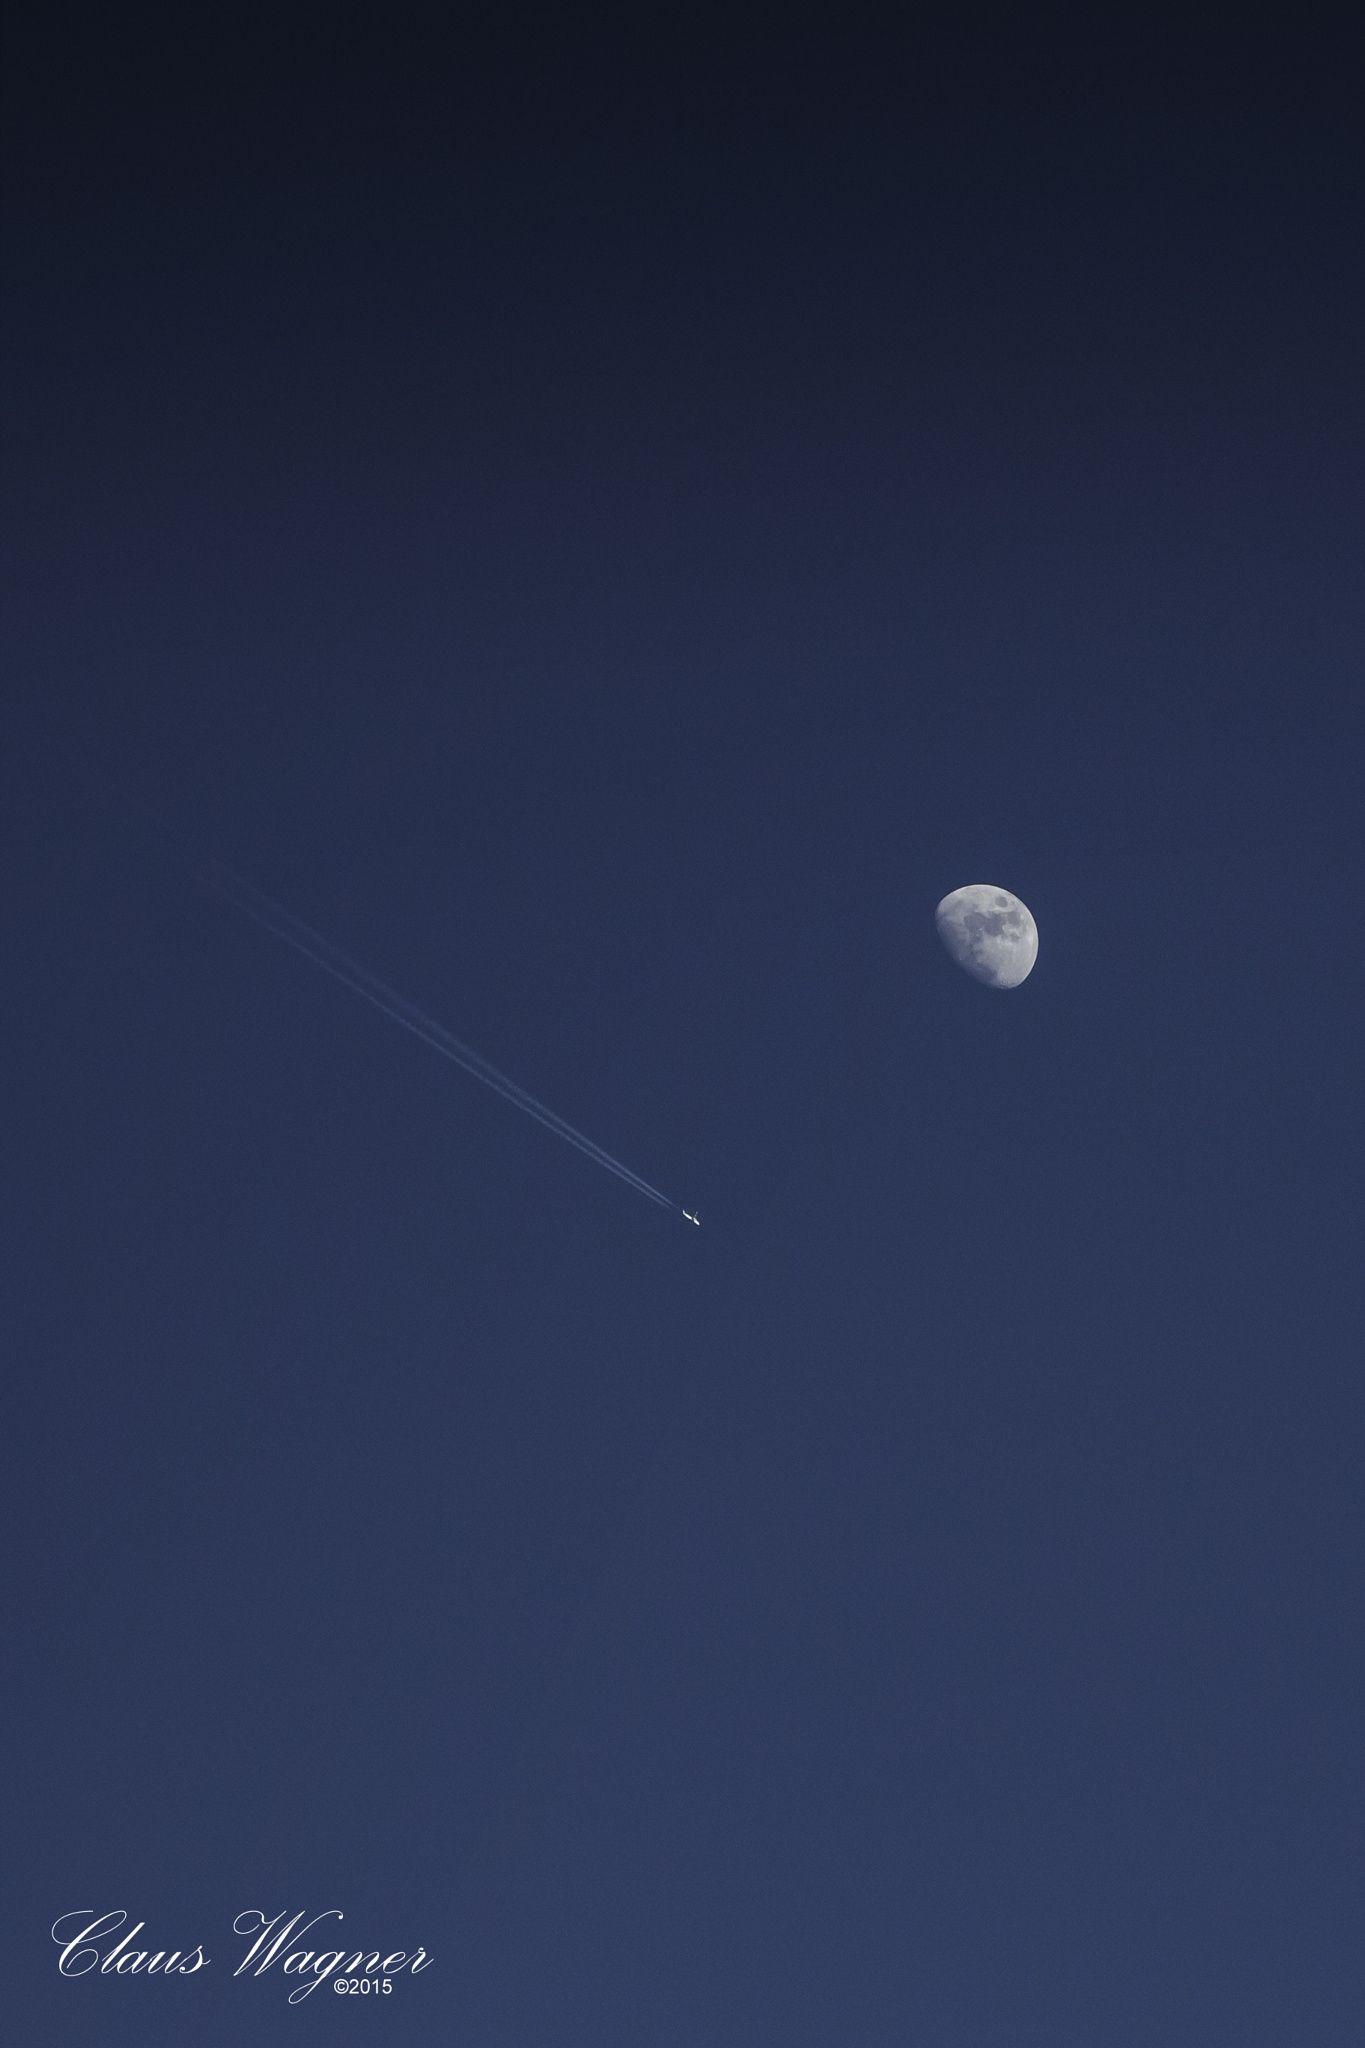 """""""Flieger, grüß mir die Sonne, grüß mir die Sterne und grüß mir den Mond. Dein Leben, das ist ein Schweben durch die Ferne, die keiner bewohnt!""""  """"Airman, greet the sun,  greet the stars and greet the moon. Your life, which is a floating by the distance, that no one lives!"""""""